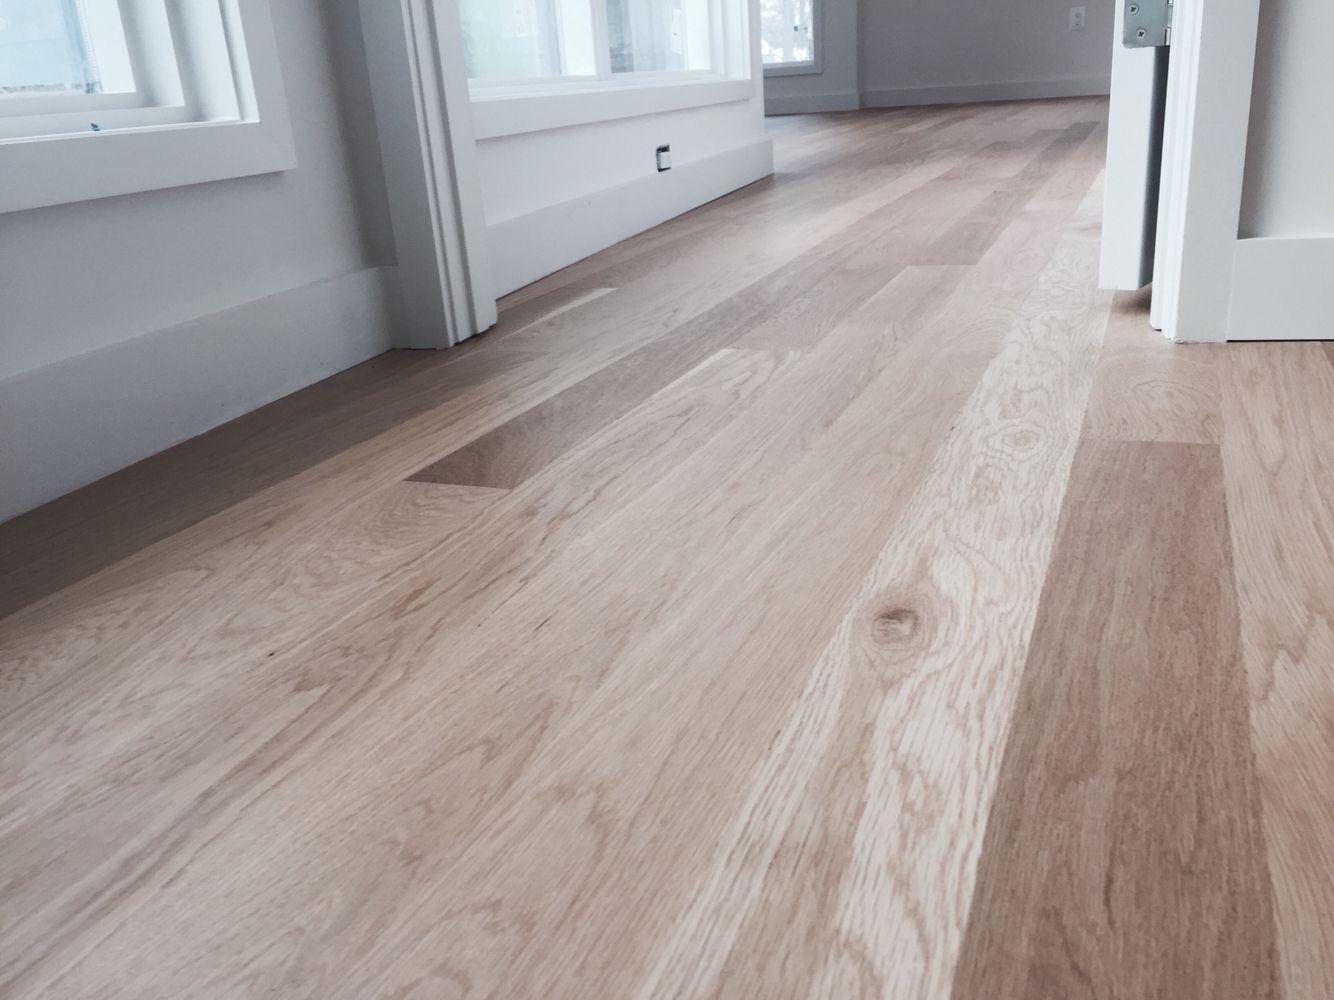 Locally Milled 5 White Oak And Finished With Bona Bonaseal And Bona Naturale Finish White Oak Hardwood Floors Oak Floor Stains White Oak Floors